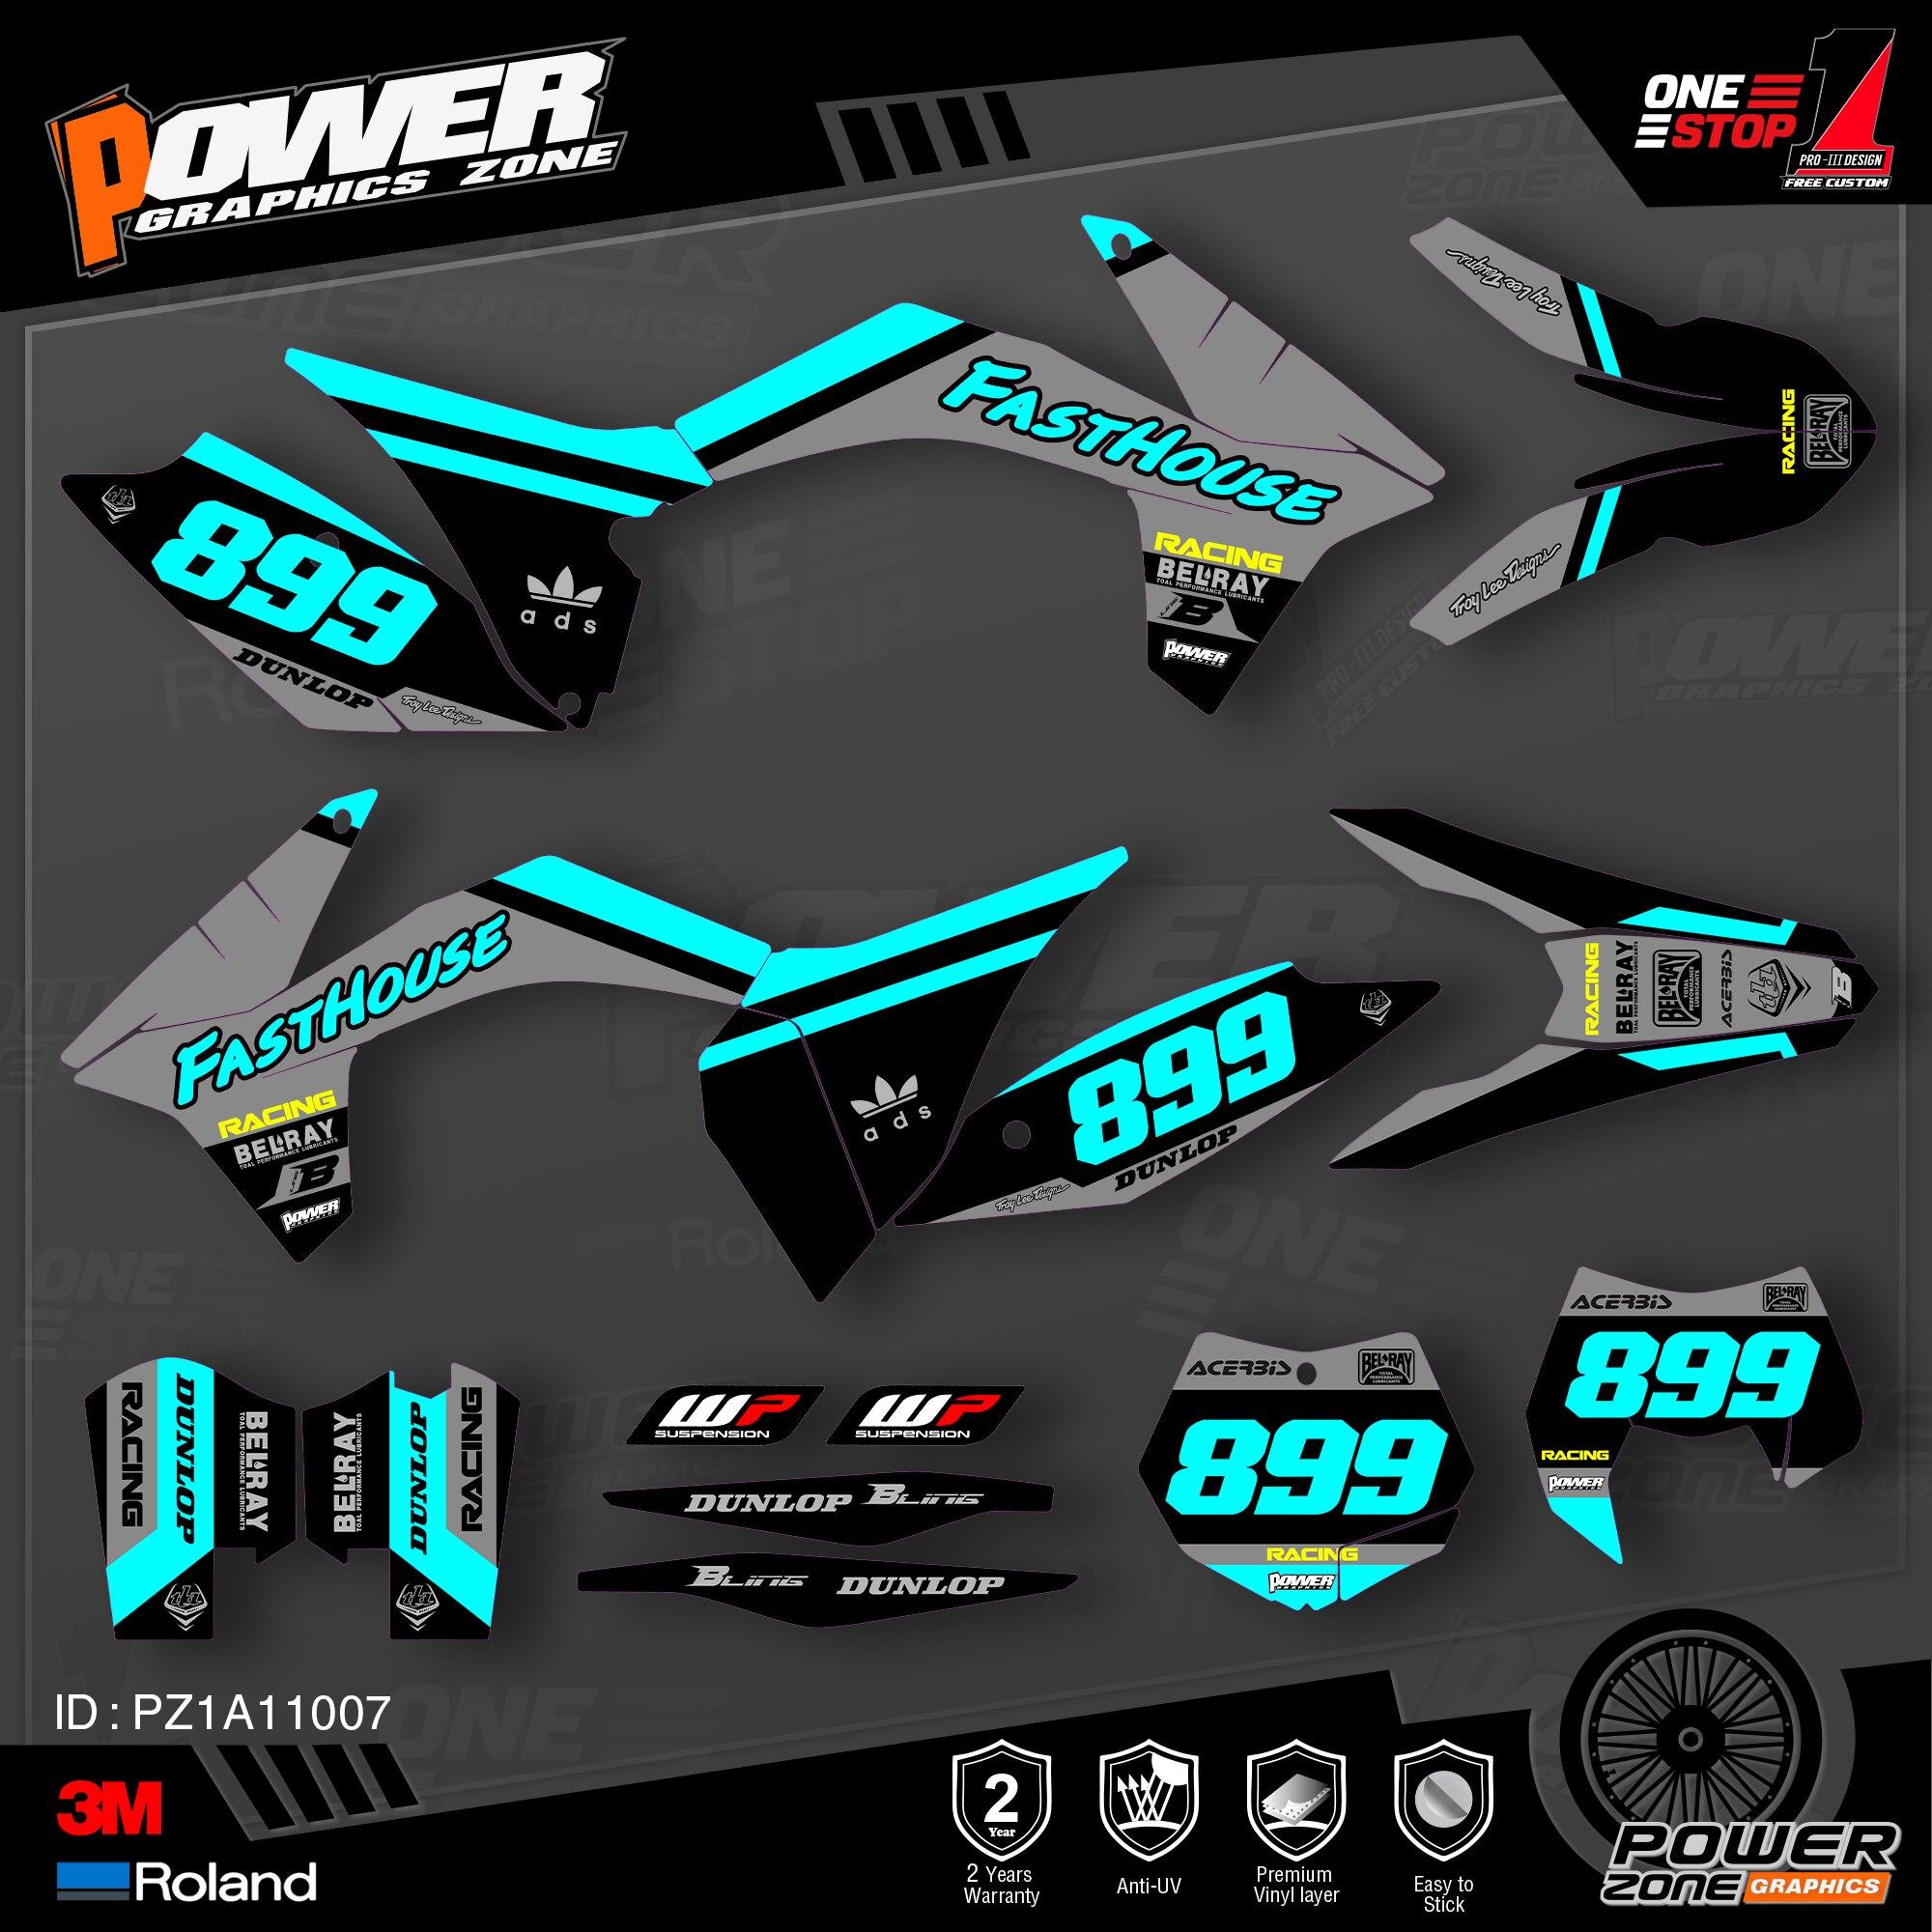 Персонализированные графические фоны PowerZone Team, наклейки 3M, Набор наклеек для KTM SX SXF MX 11-12 EXC XCW Enduro 12-13 125-500cc 07